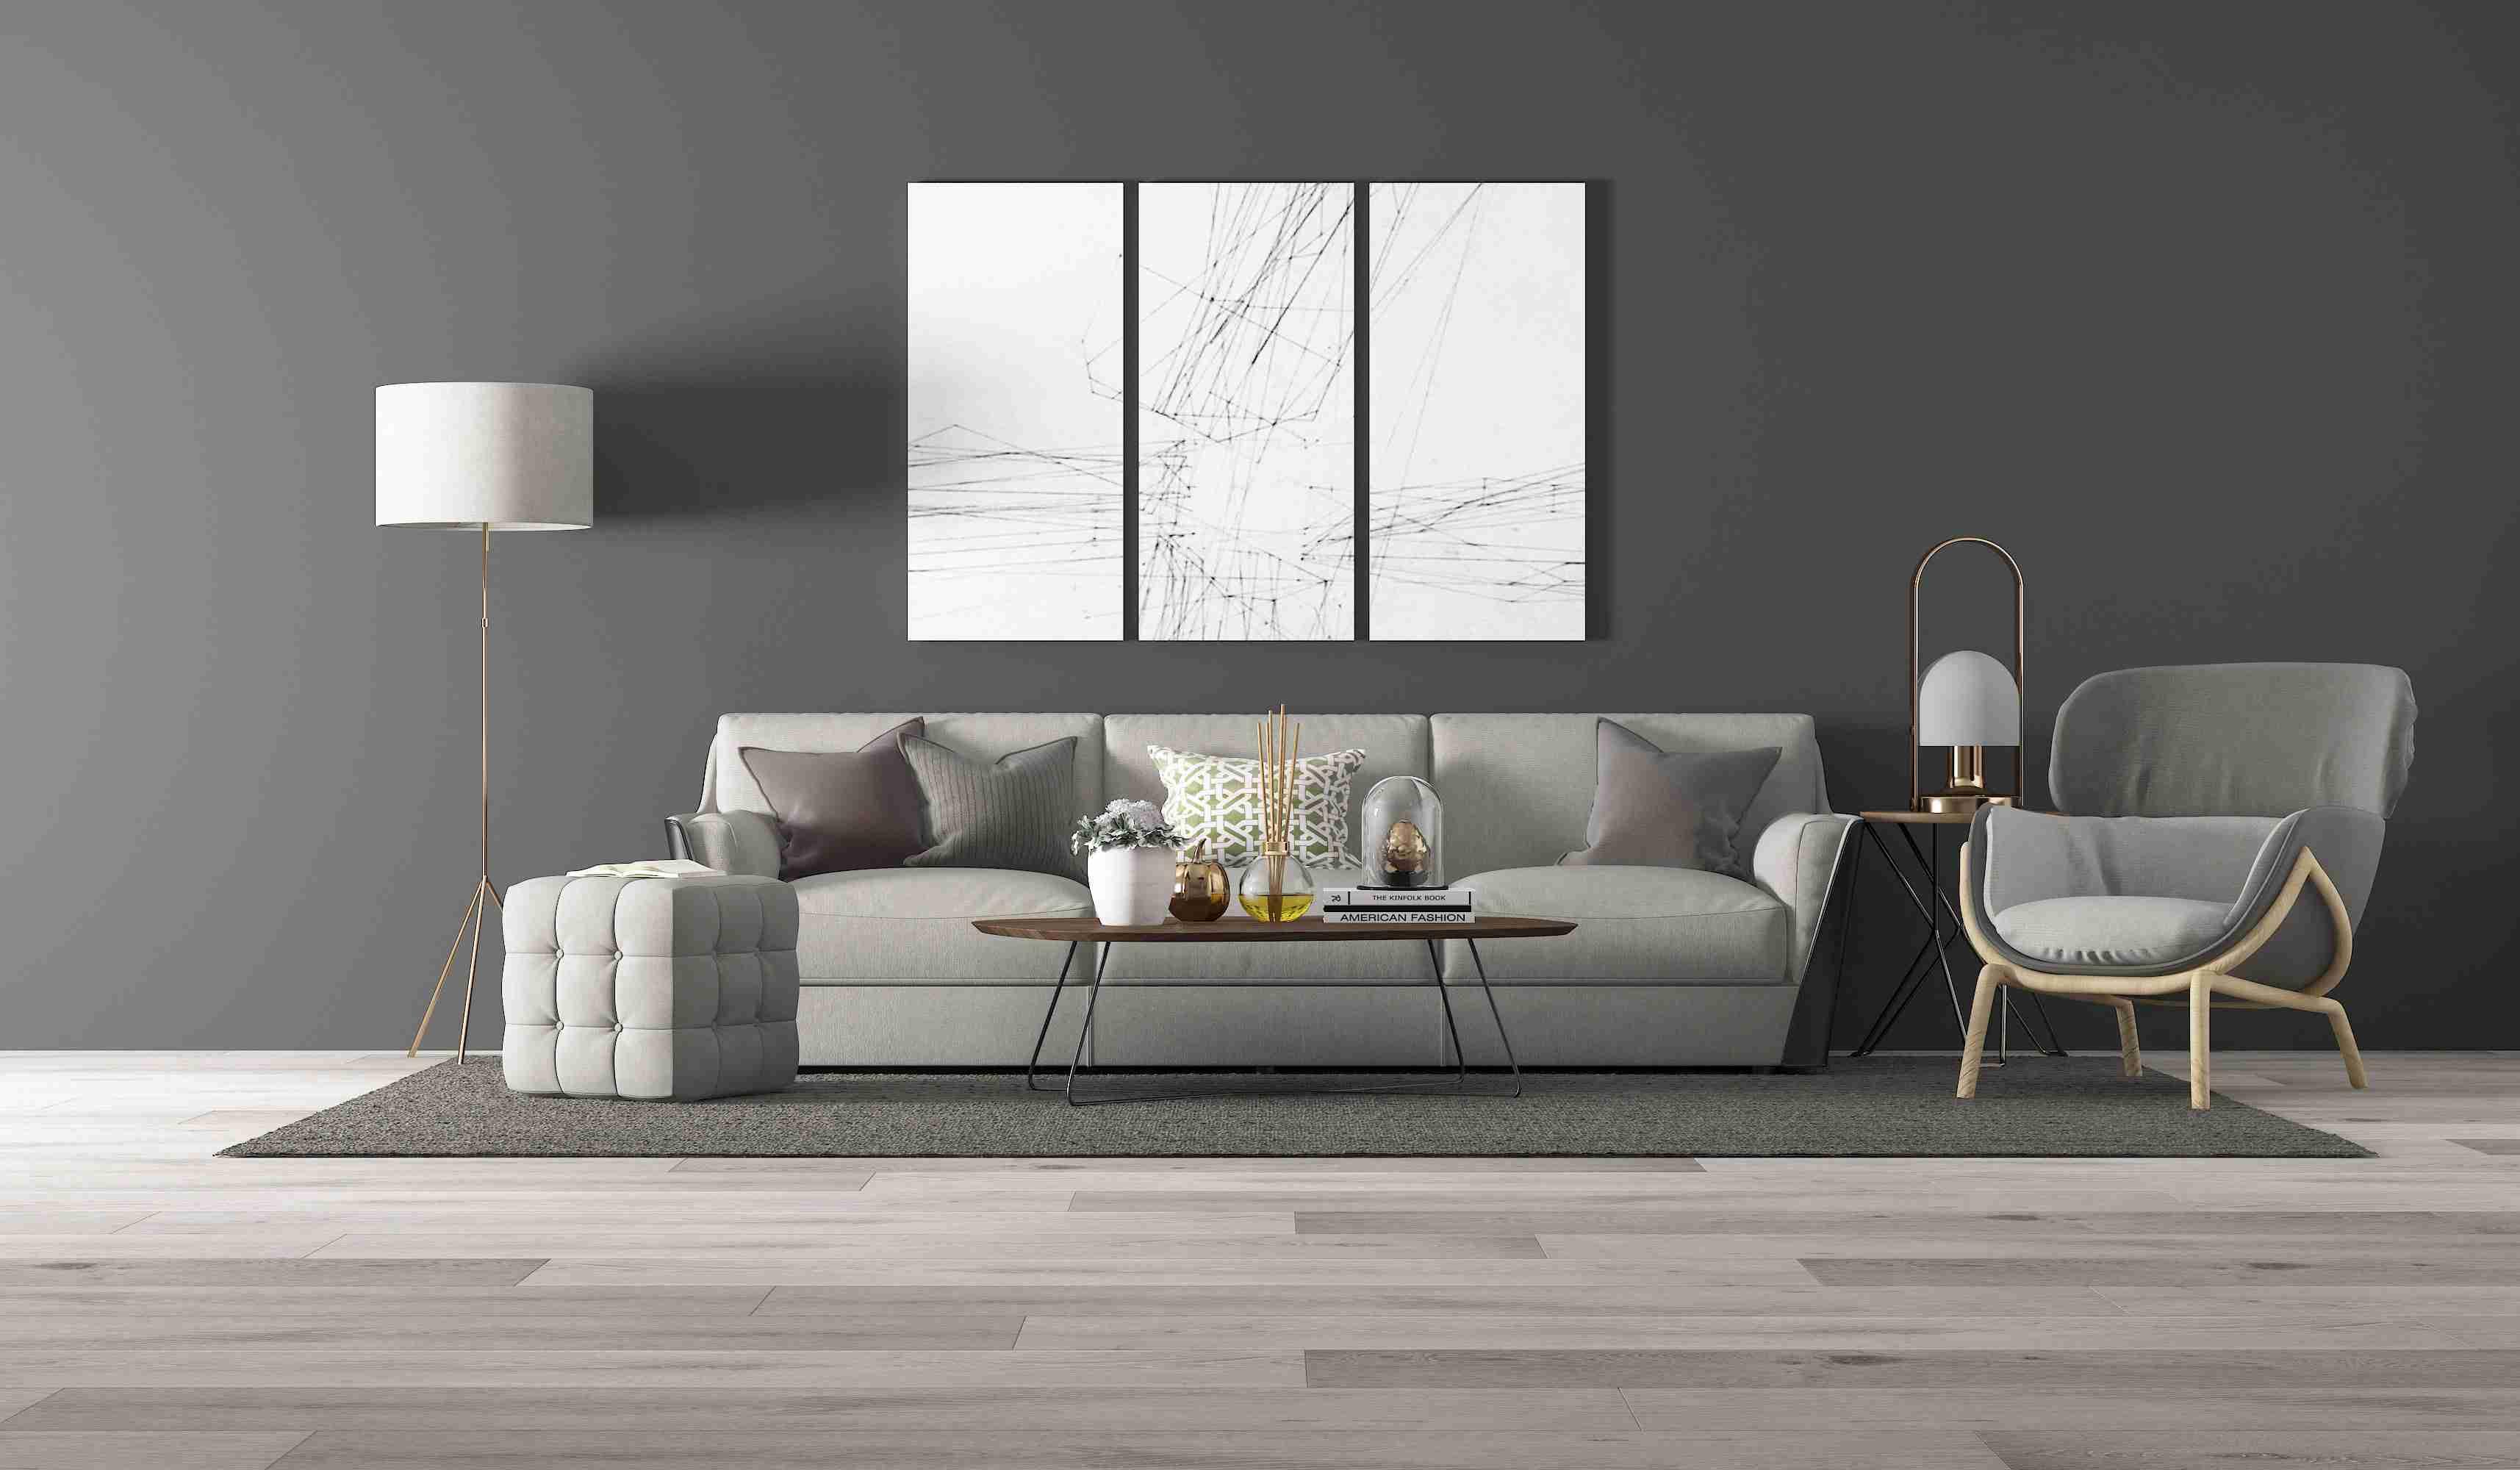 正确的房屋装修顺序是什么?